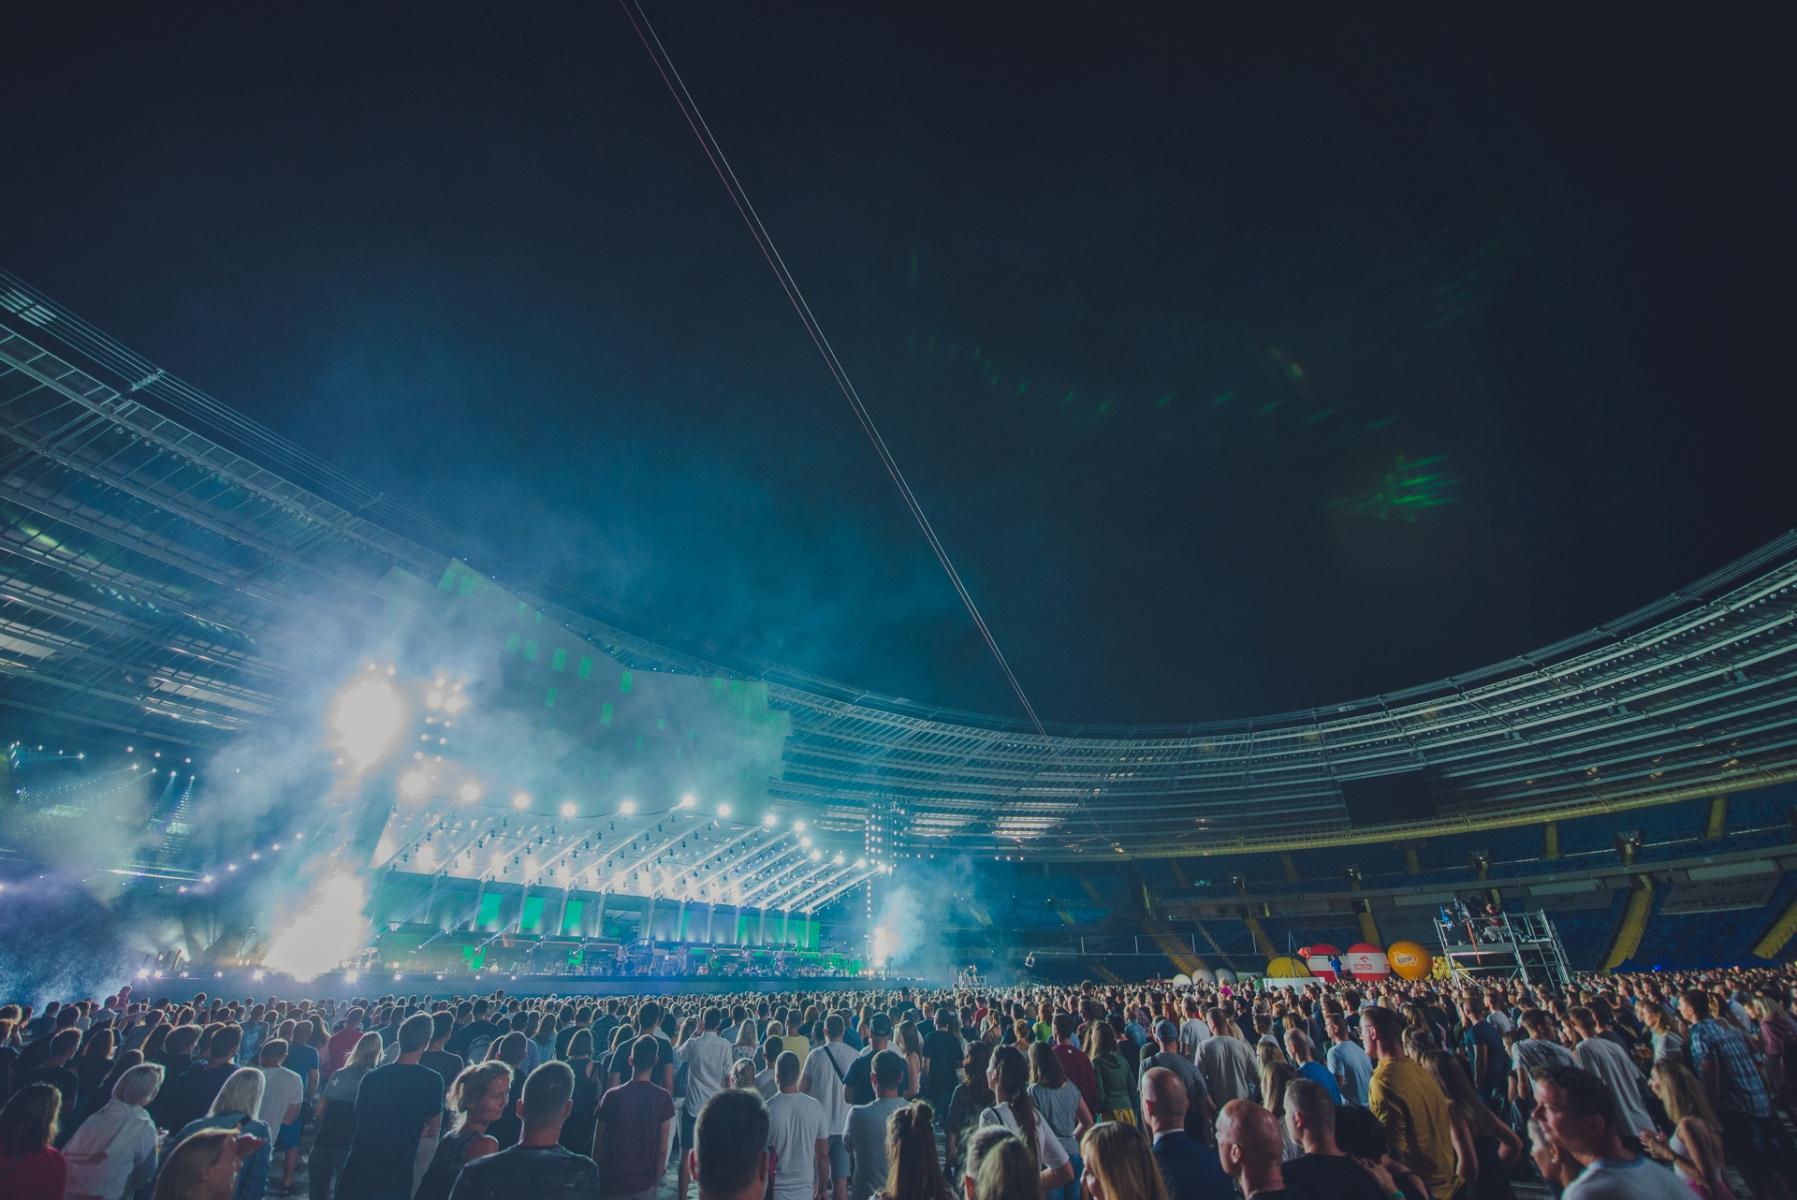 Publiczność zgromadzona na Stadionie Śląskim